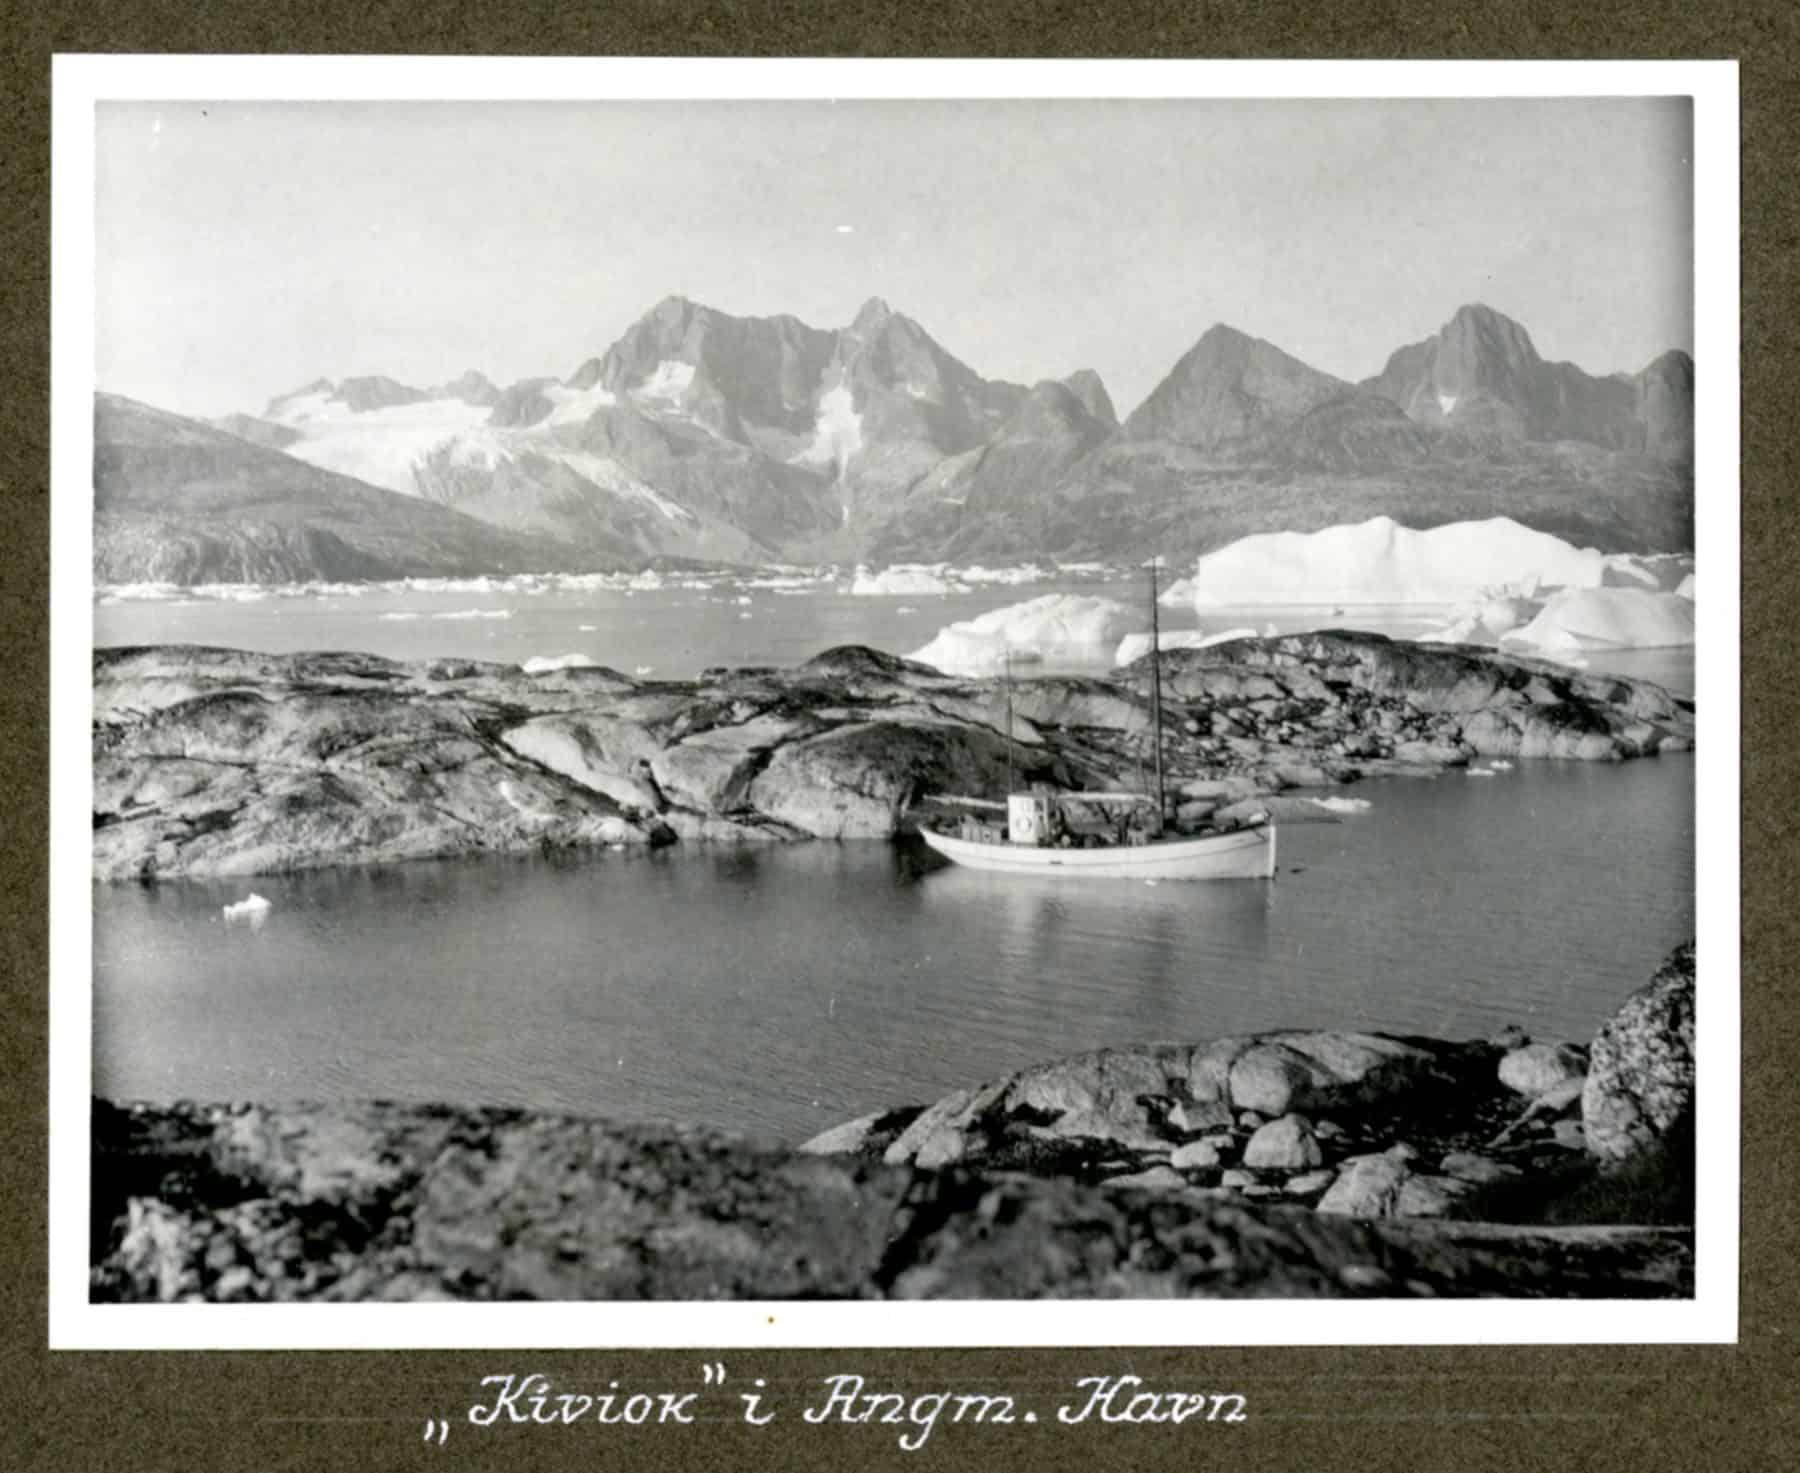 Kivioq foto fra Knud Rasmussen Arkivet - 8